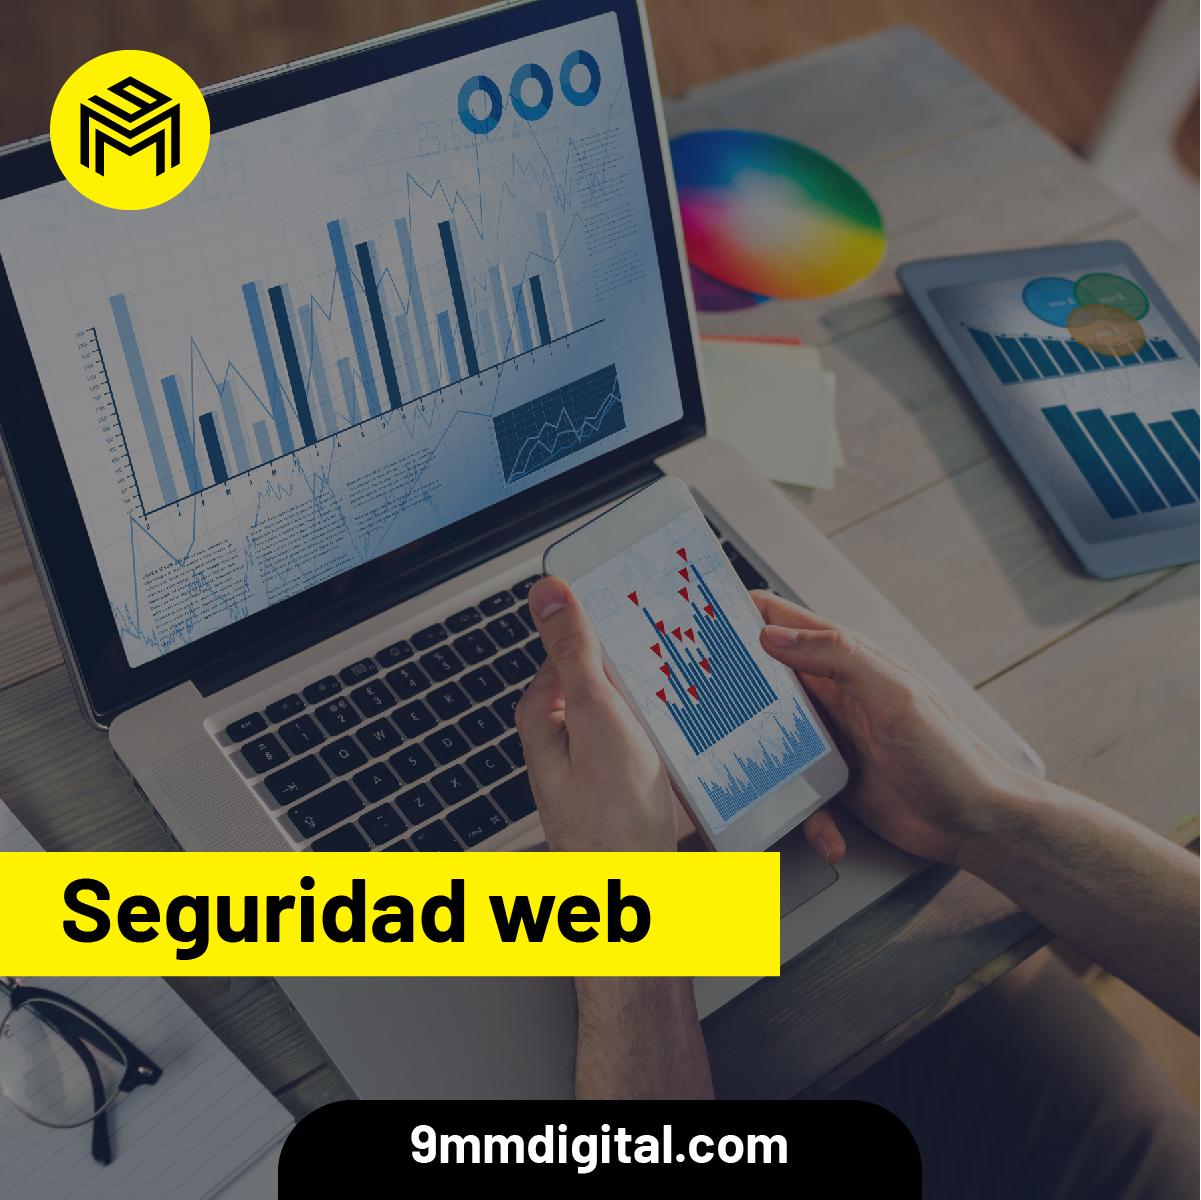 9mmdigital-agenciadigita-campañas-de-publicidad-con-contenido-malicioso